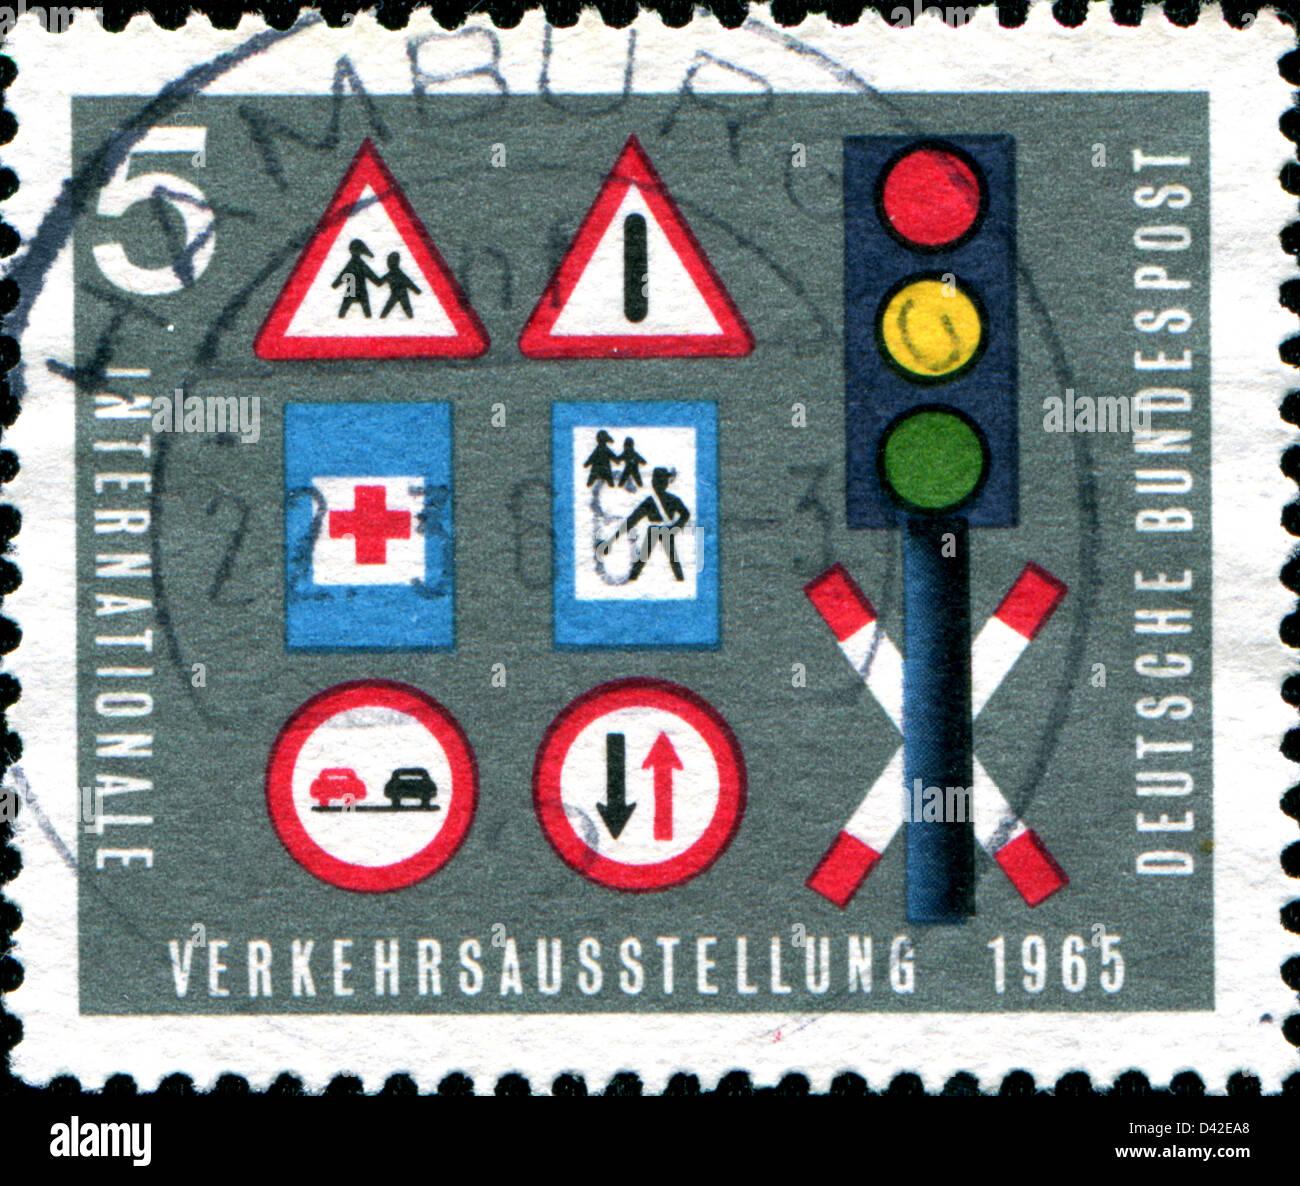 Deutschland Ca 1965 Eine Briefmarke Gedruckt In Der